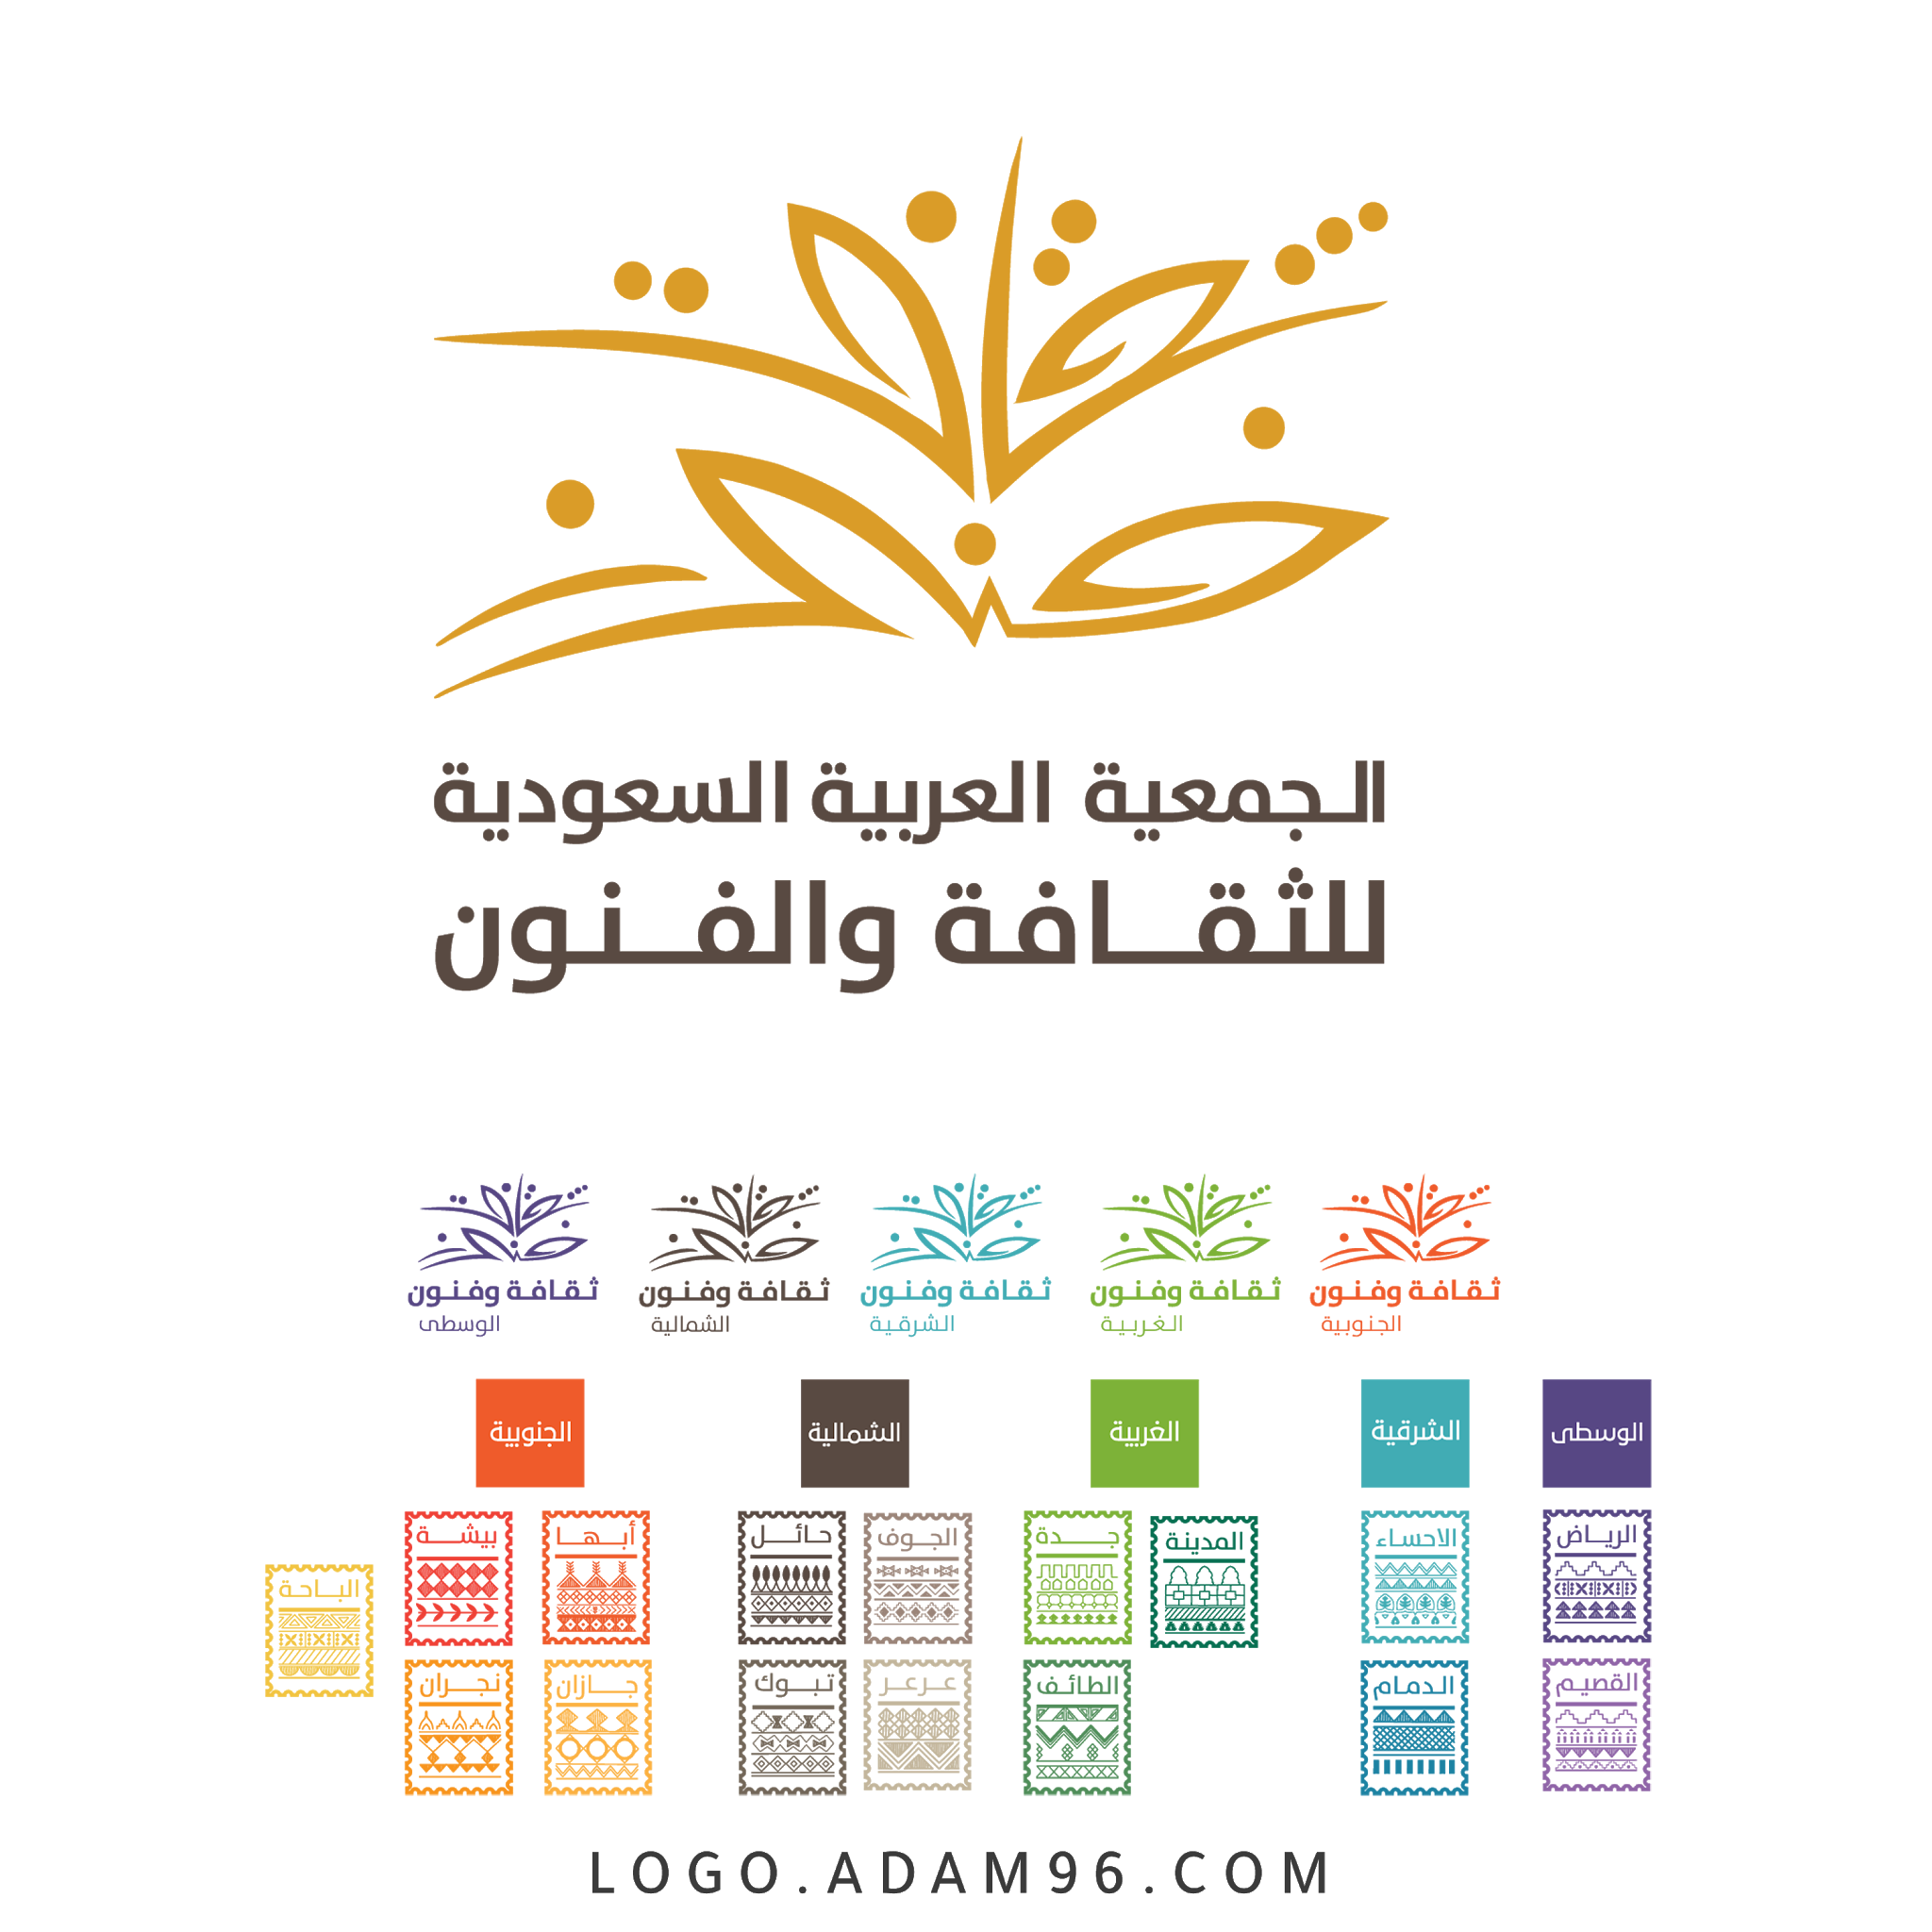 تحميل شعار الجمعية العربية السعودية للثقافة والفنون لوجو رسمي عالي الجودة PNG